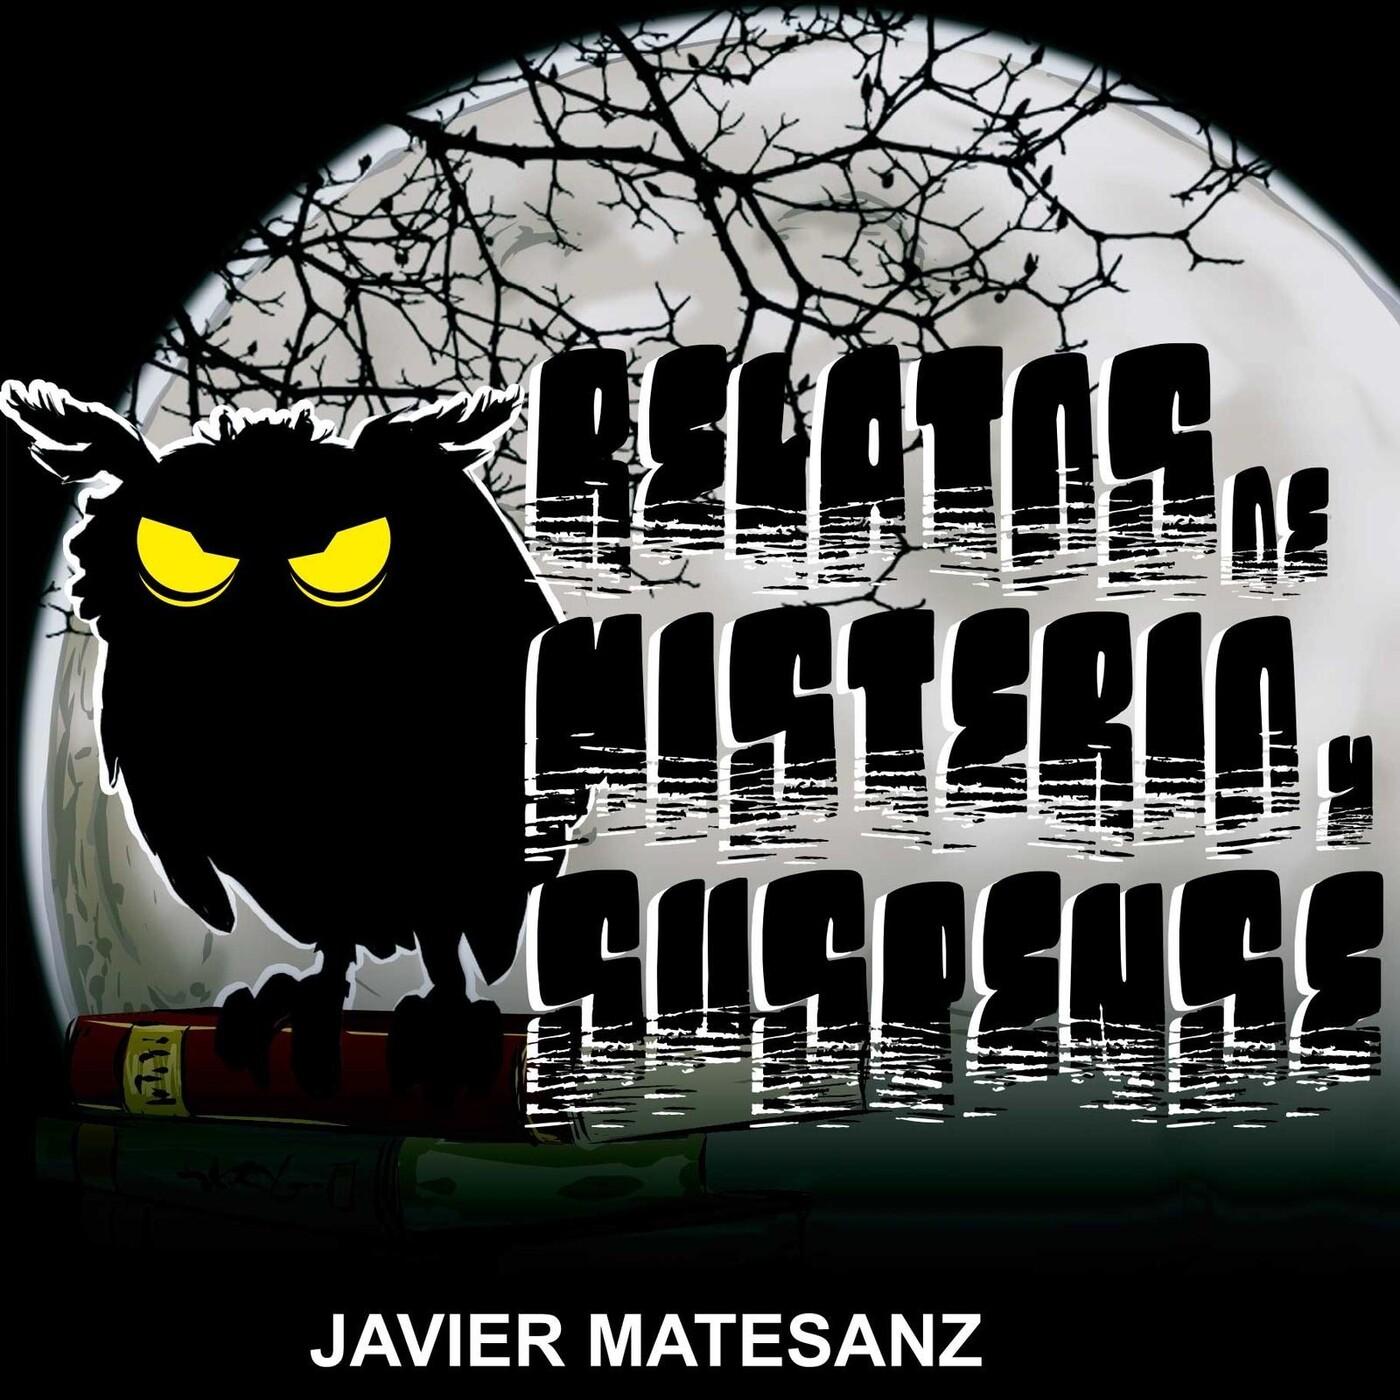 #146 Visiones nocturnas by Ambrose Bierce